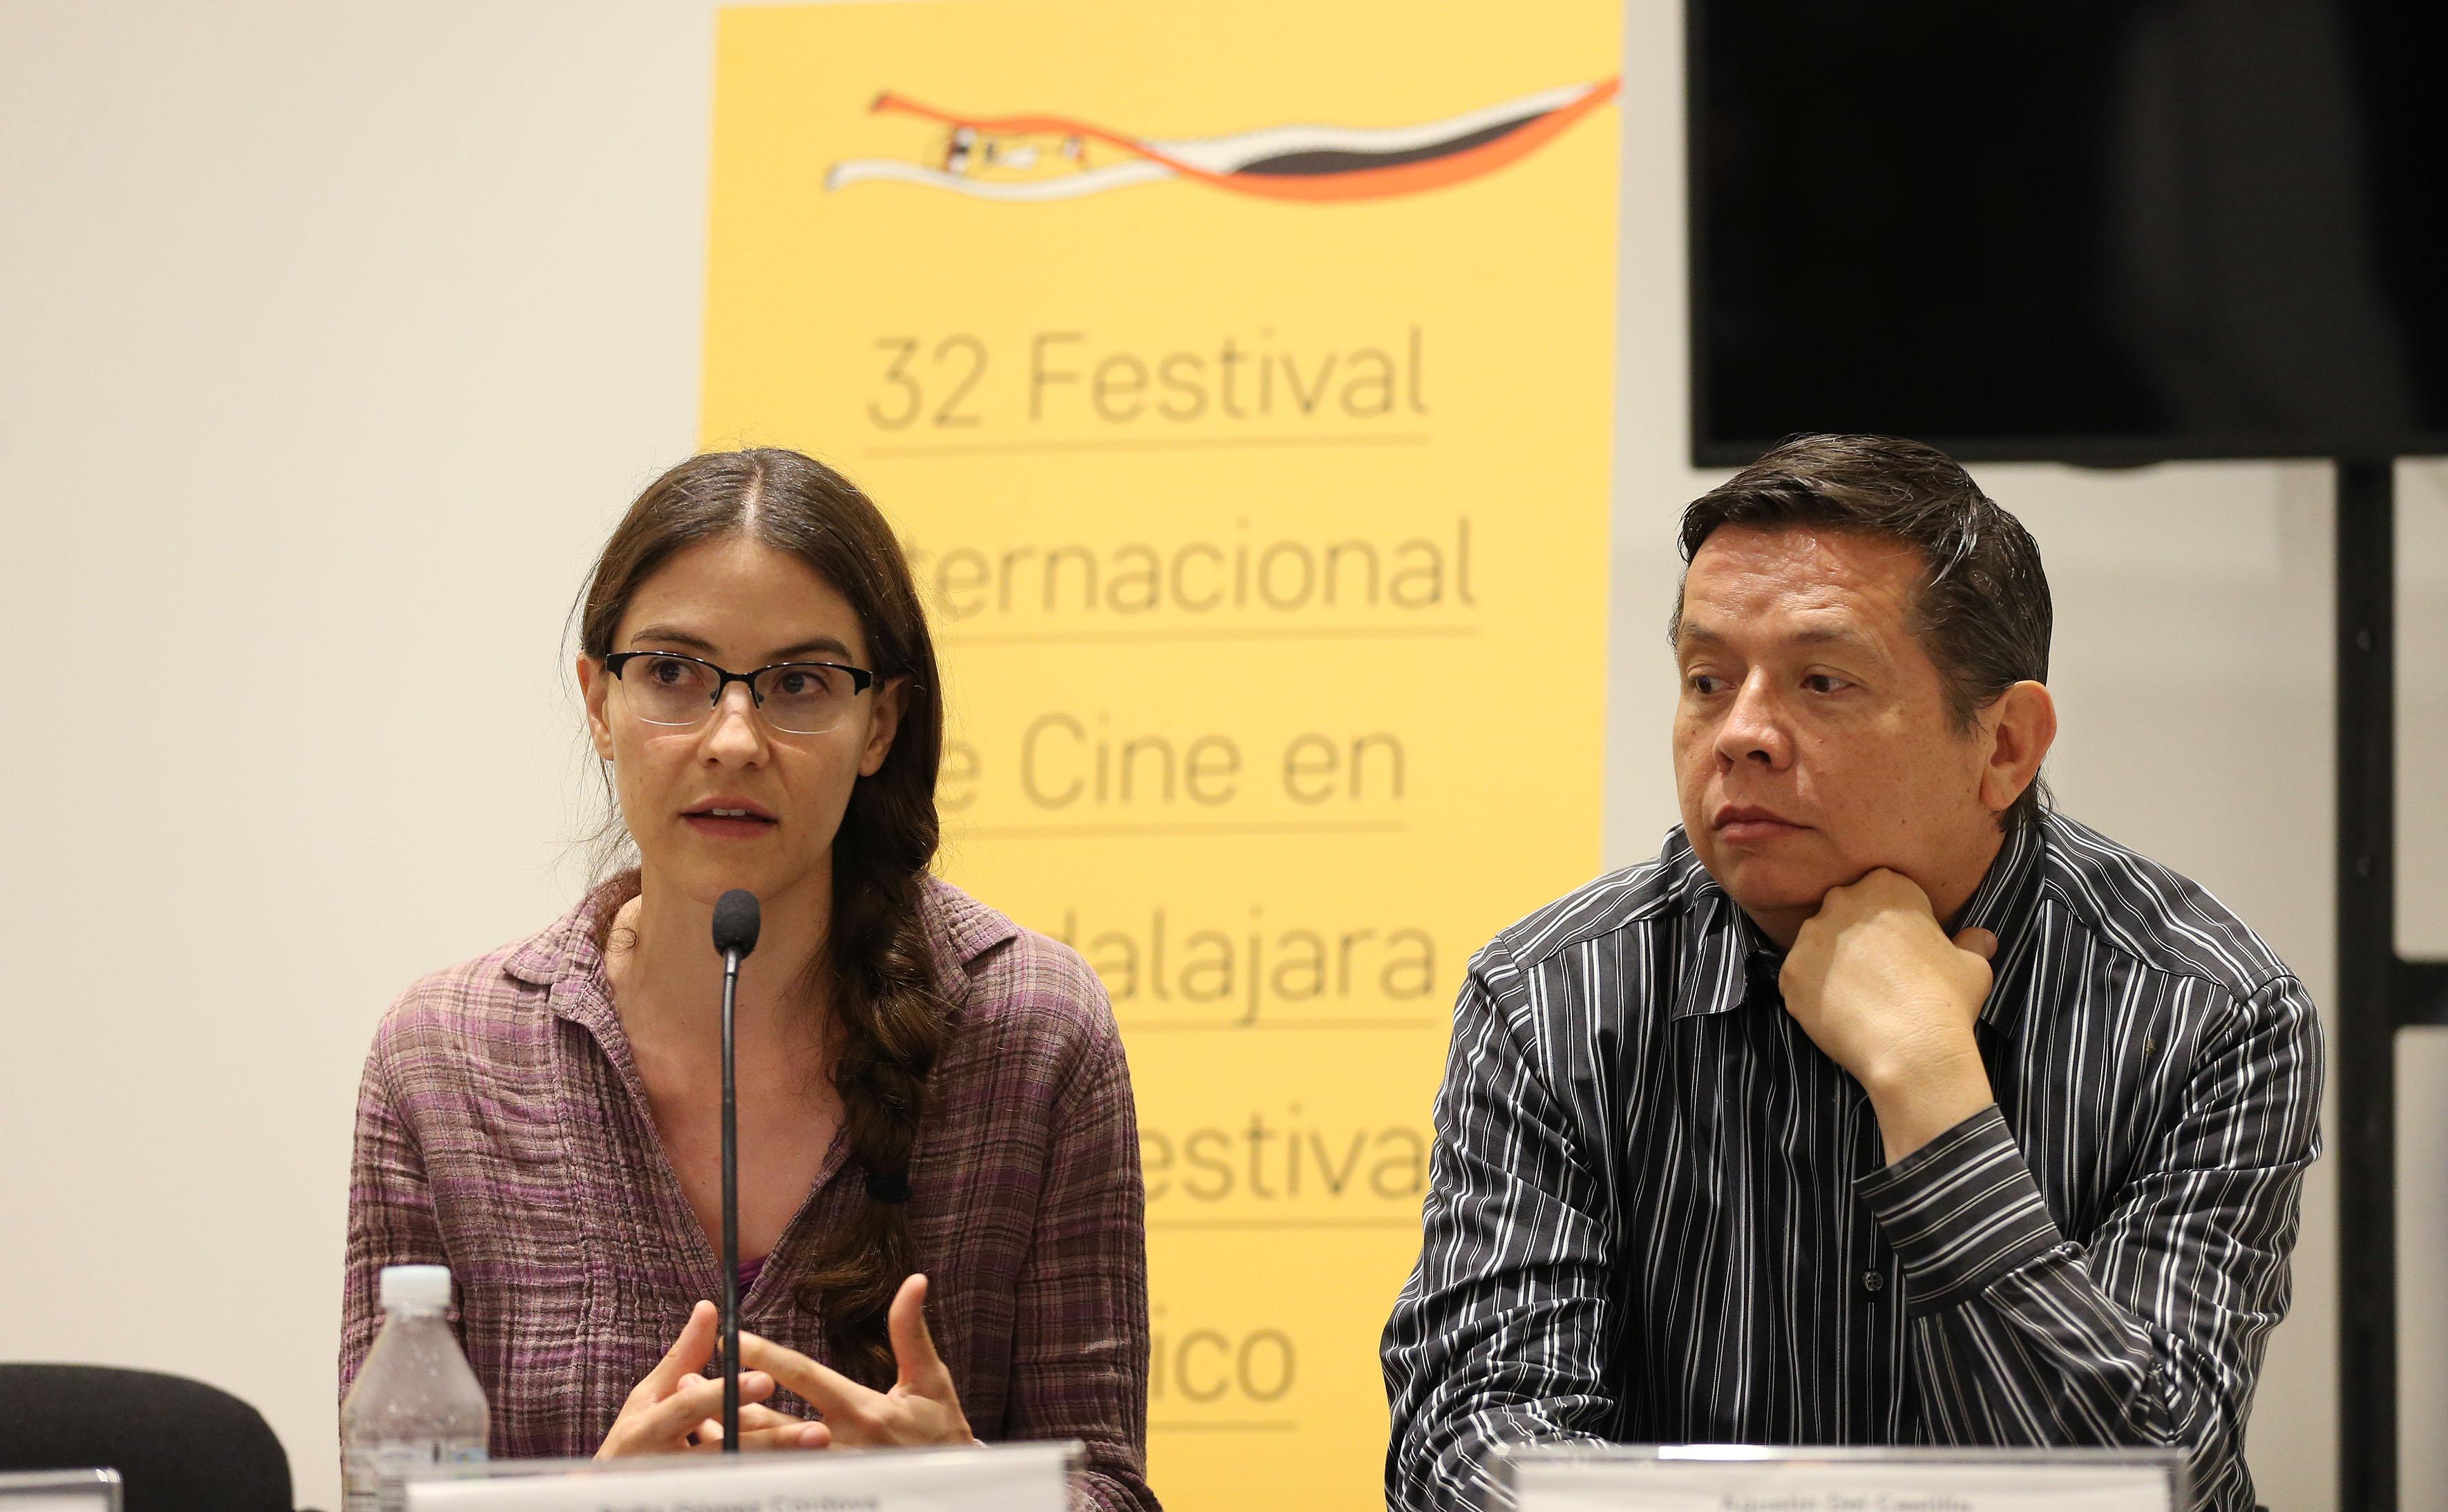 Sofía Gómez Córdova en la presentación numero 86 de la revista literaria de la Universidad de Guadalajara (UdeG), en el marco del 32 Festival Internacional de Cine en Guadalajara (FICG)